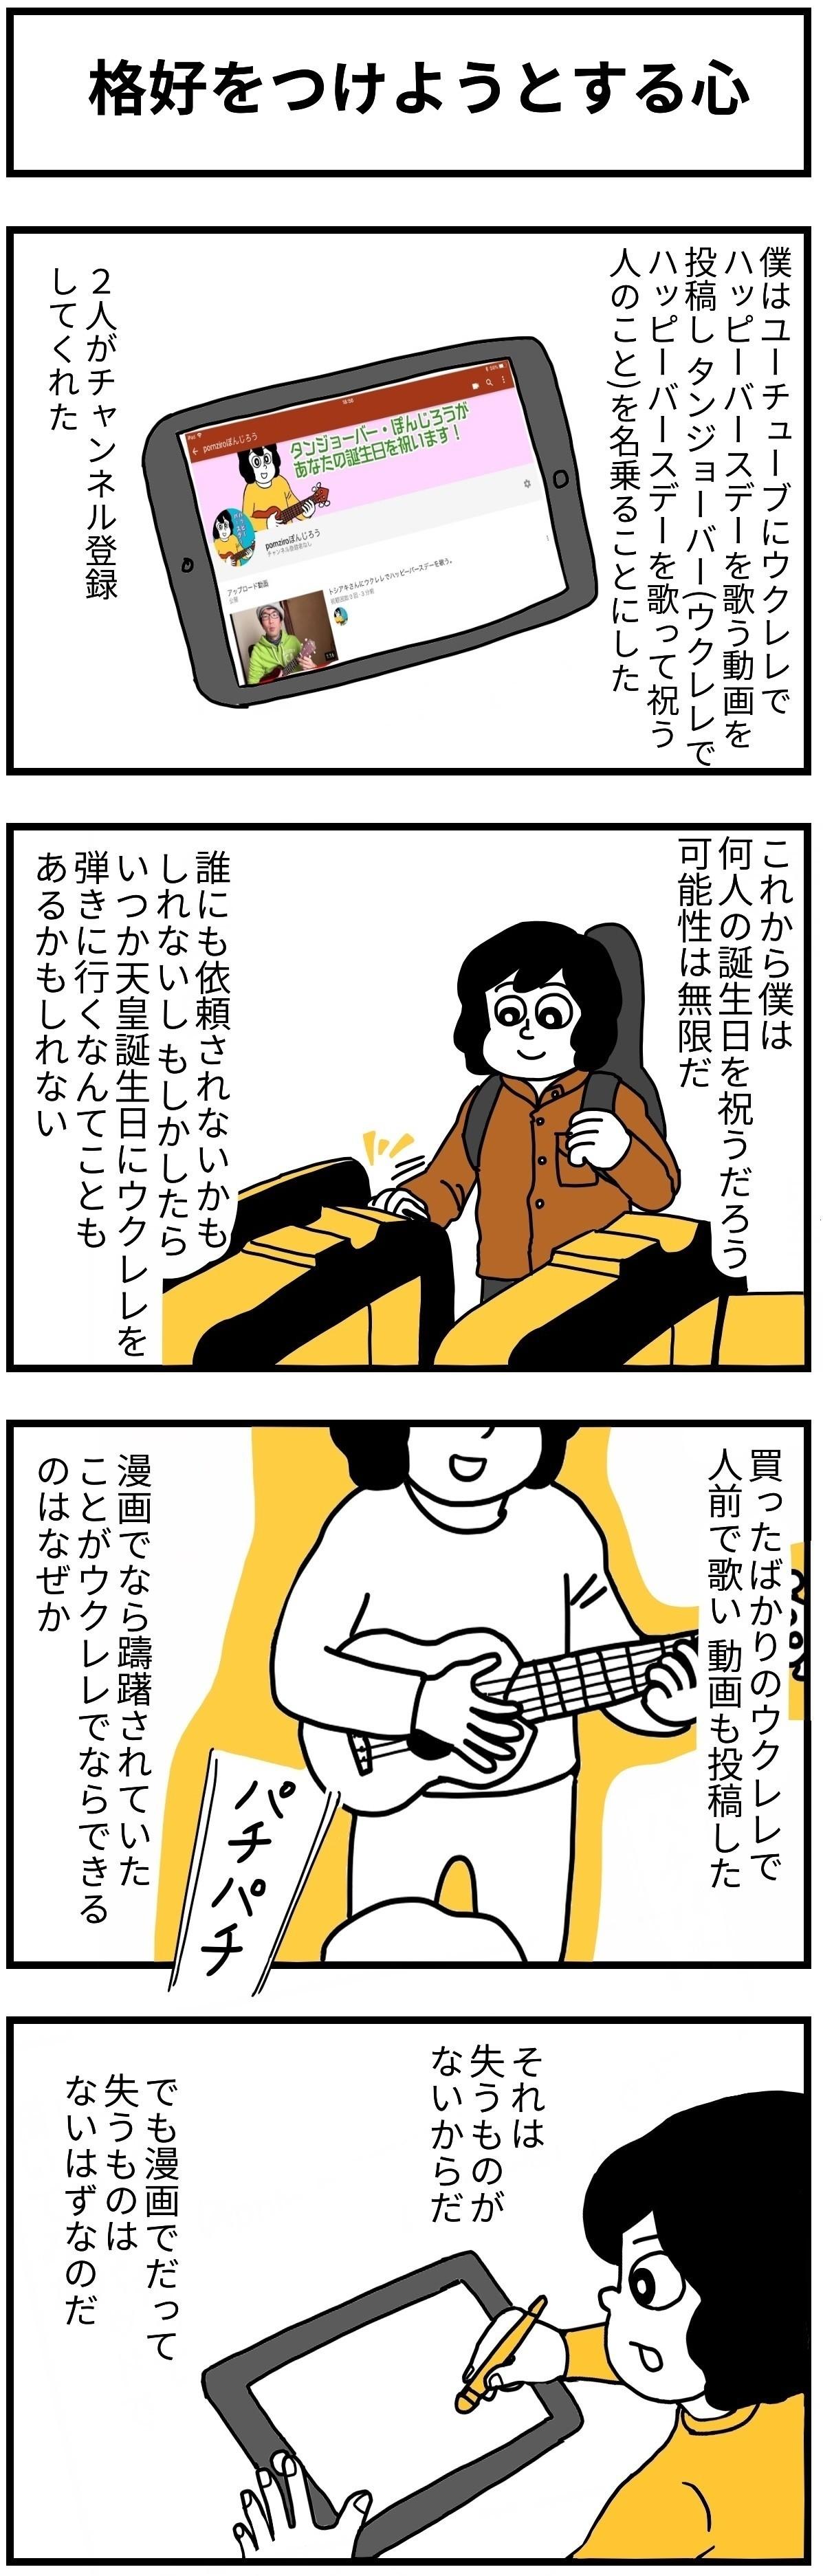 ぽんじろうのYouTubeはこちら→ https://www.youtube.com/channel/UCPrglWJGGg38N2TJ8xycfkg